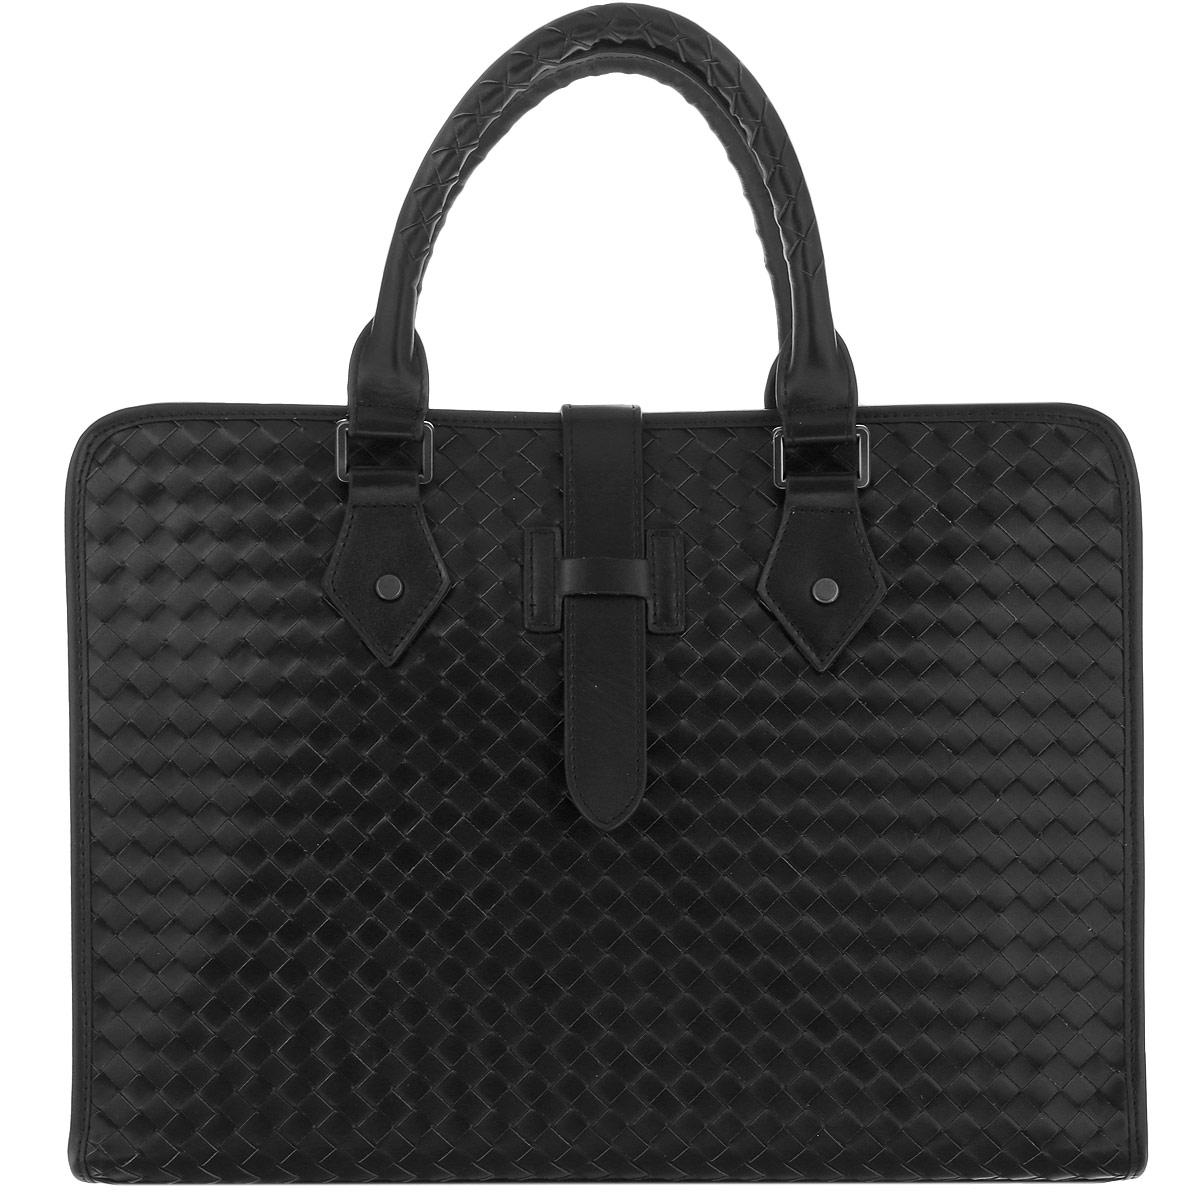 Сумка мужская Vitacci, цвет: черный. LB0019S76245Элегантная мужская сумка Vitacci изготовлена из натуральной кожи, оформлена прострочкой. Изделие закрывается на удобную застежку-молнию. Внутри - одно вместительное отделение, несколько накладных карманчиков для мелочей, телефона и врезной карманчик на застежке-молнии. Изделие упаковано в фирменный чехол.Элегантная сумка внесет роскошные нотки в ваш образ и подчеркнет ваше отменное чувство стиля.